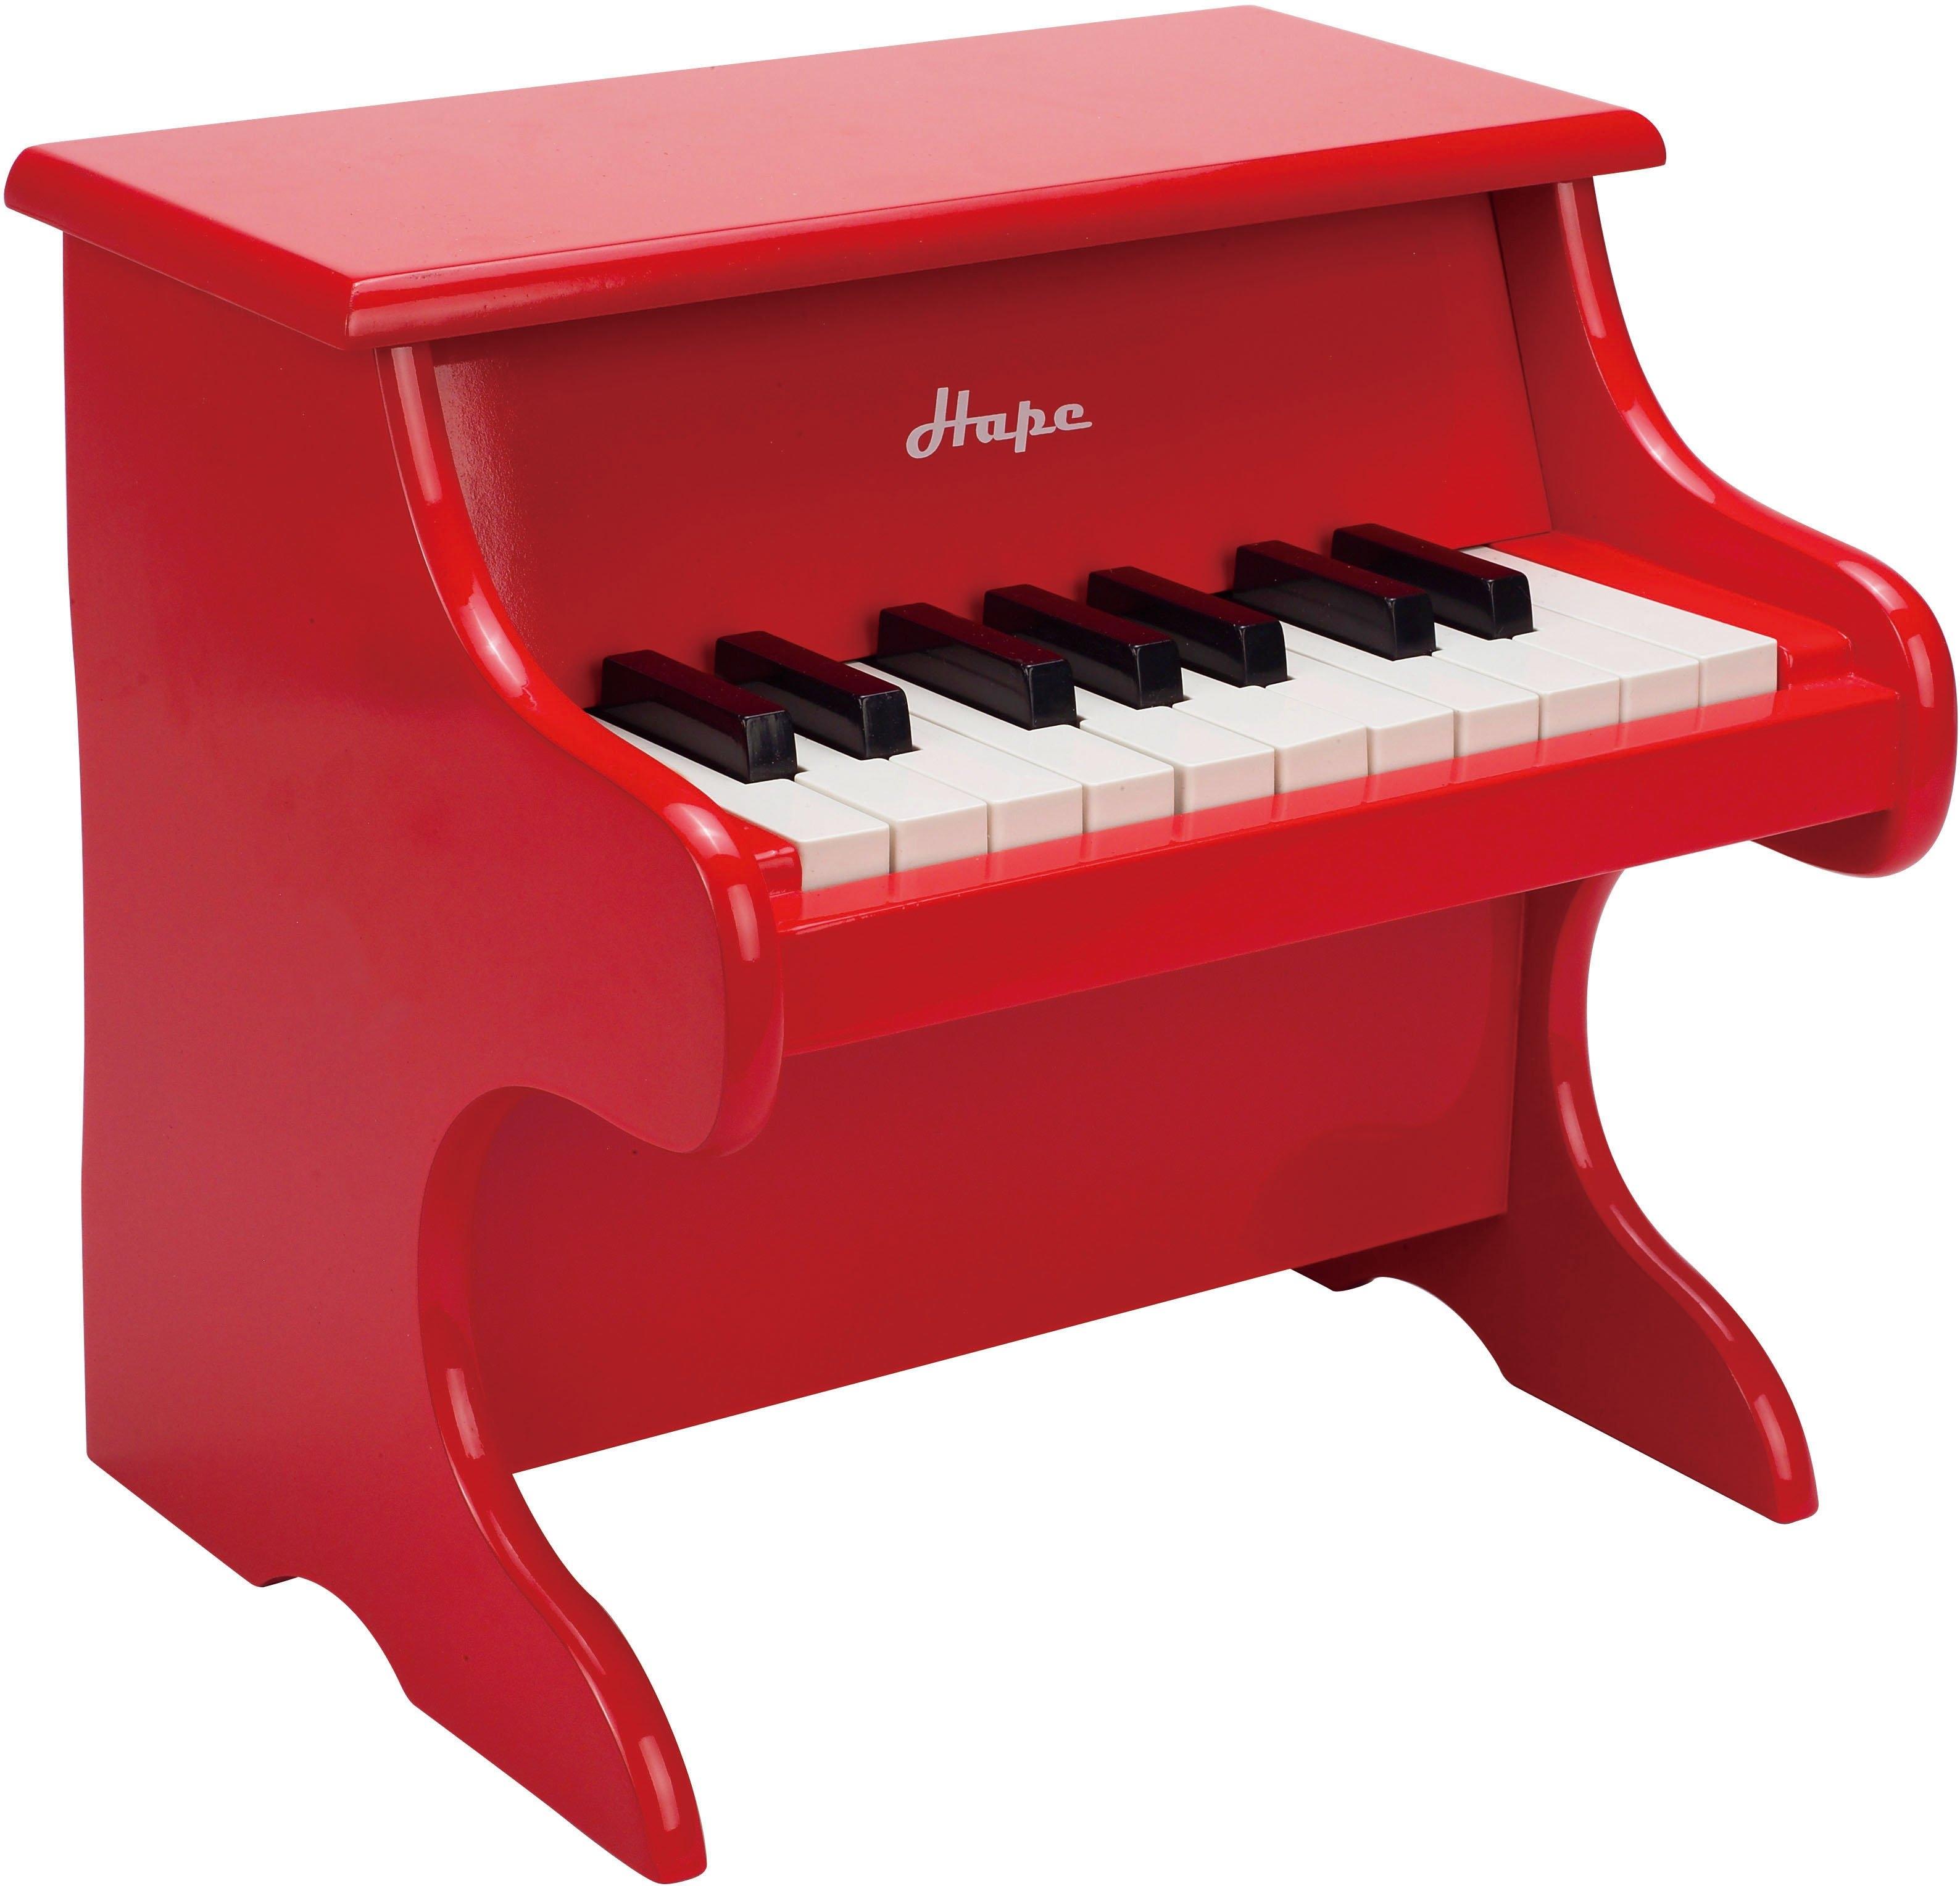 Hape speelgoed-muziekinstrument voordelig en veilig online kopen